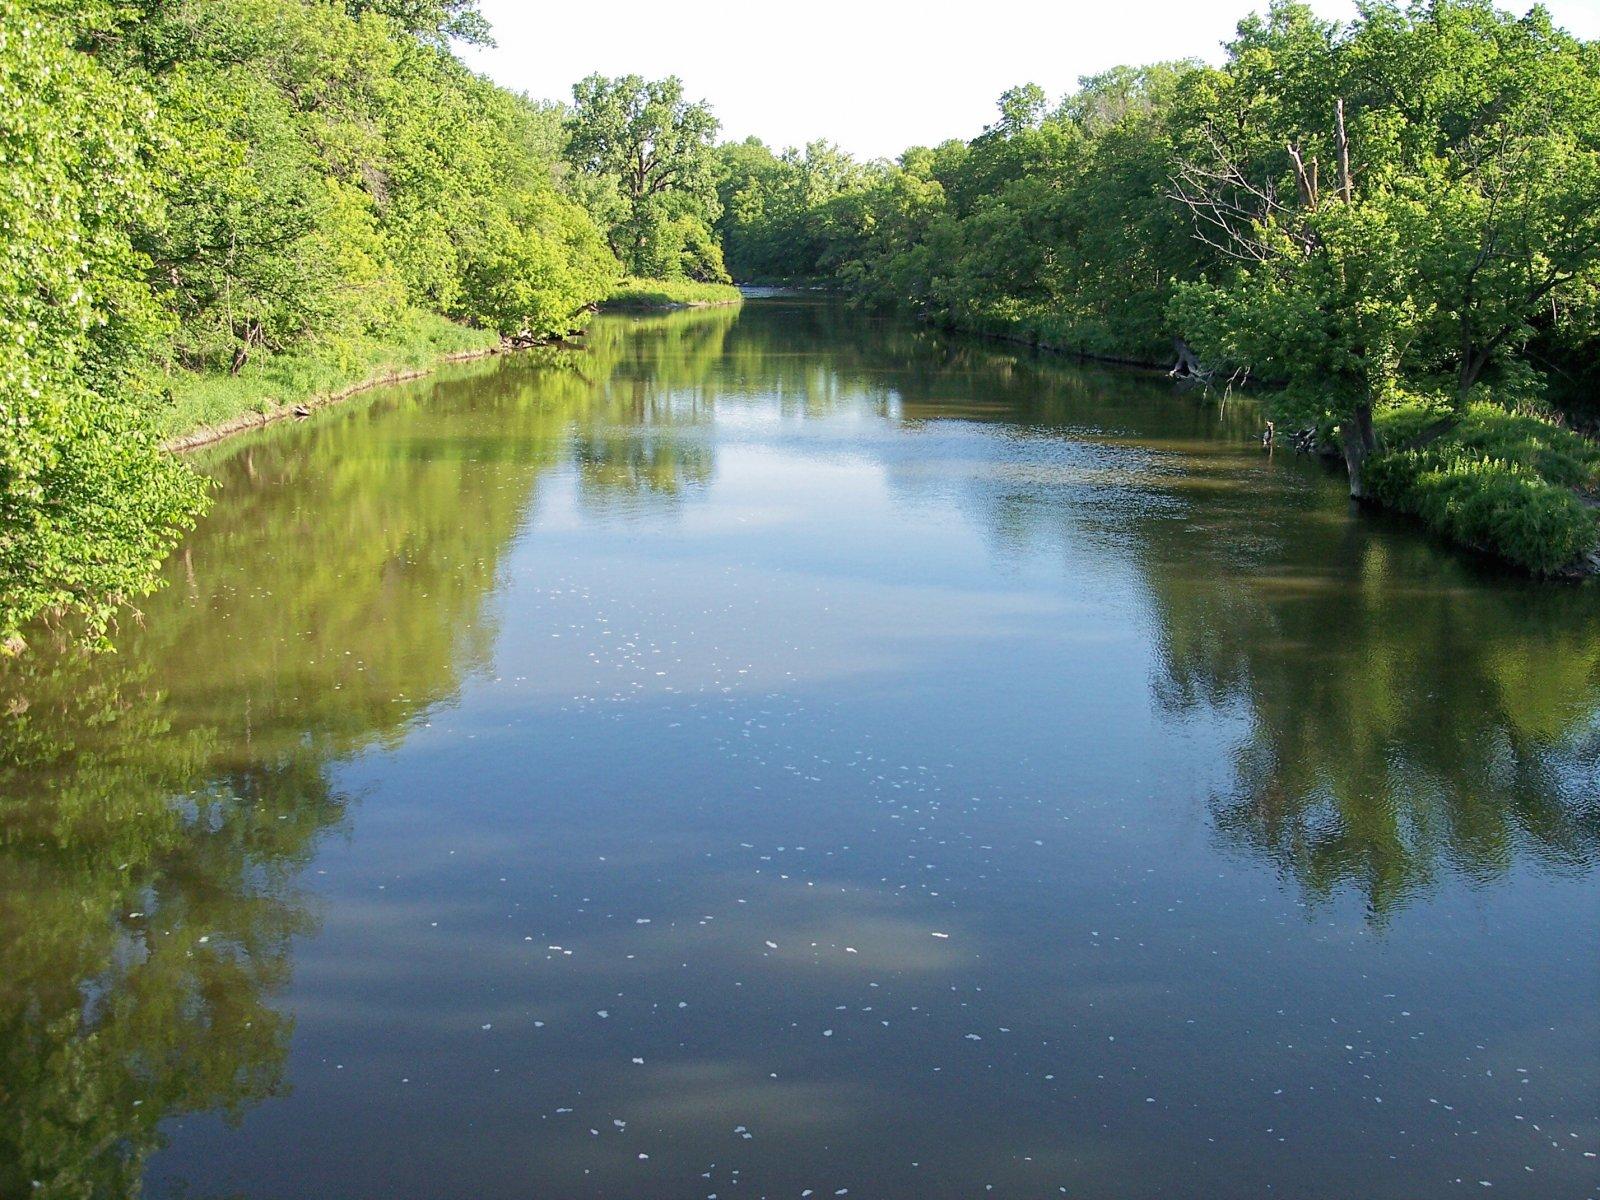 מה ההבדל בין נחל נהר יובל ופלג?